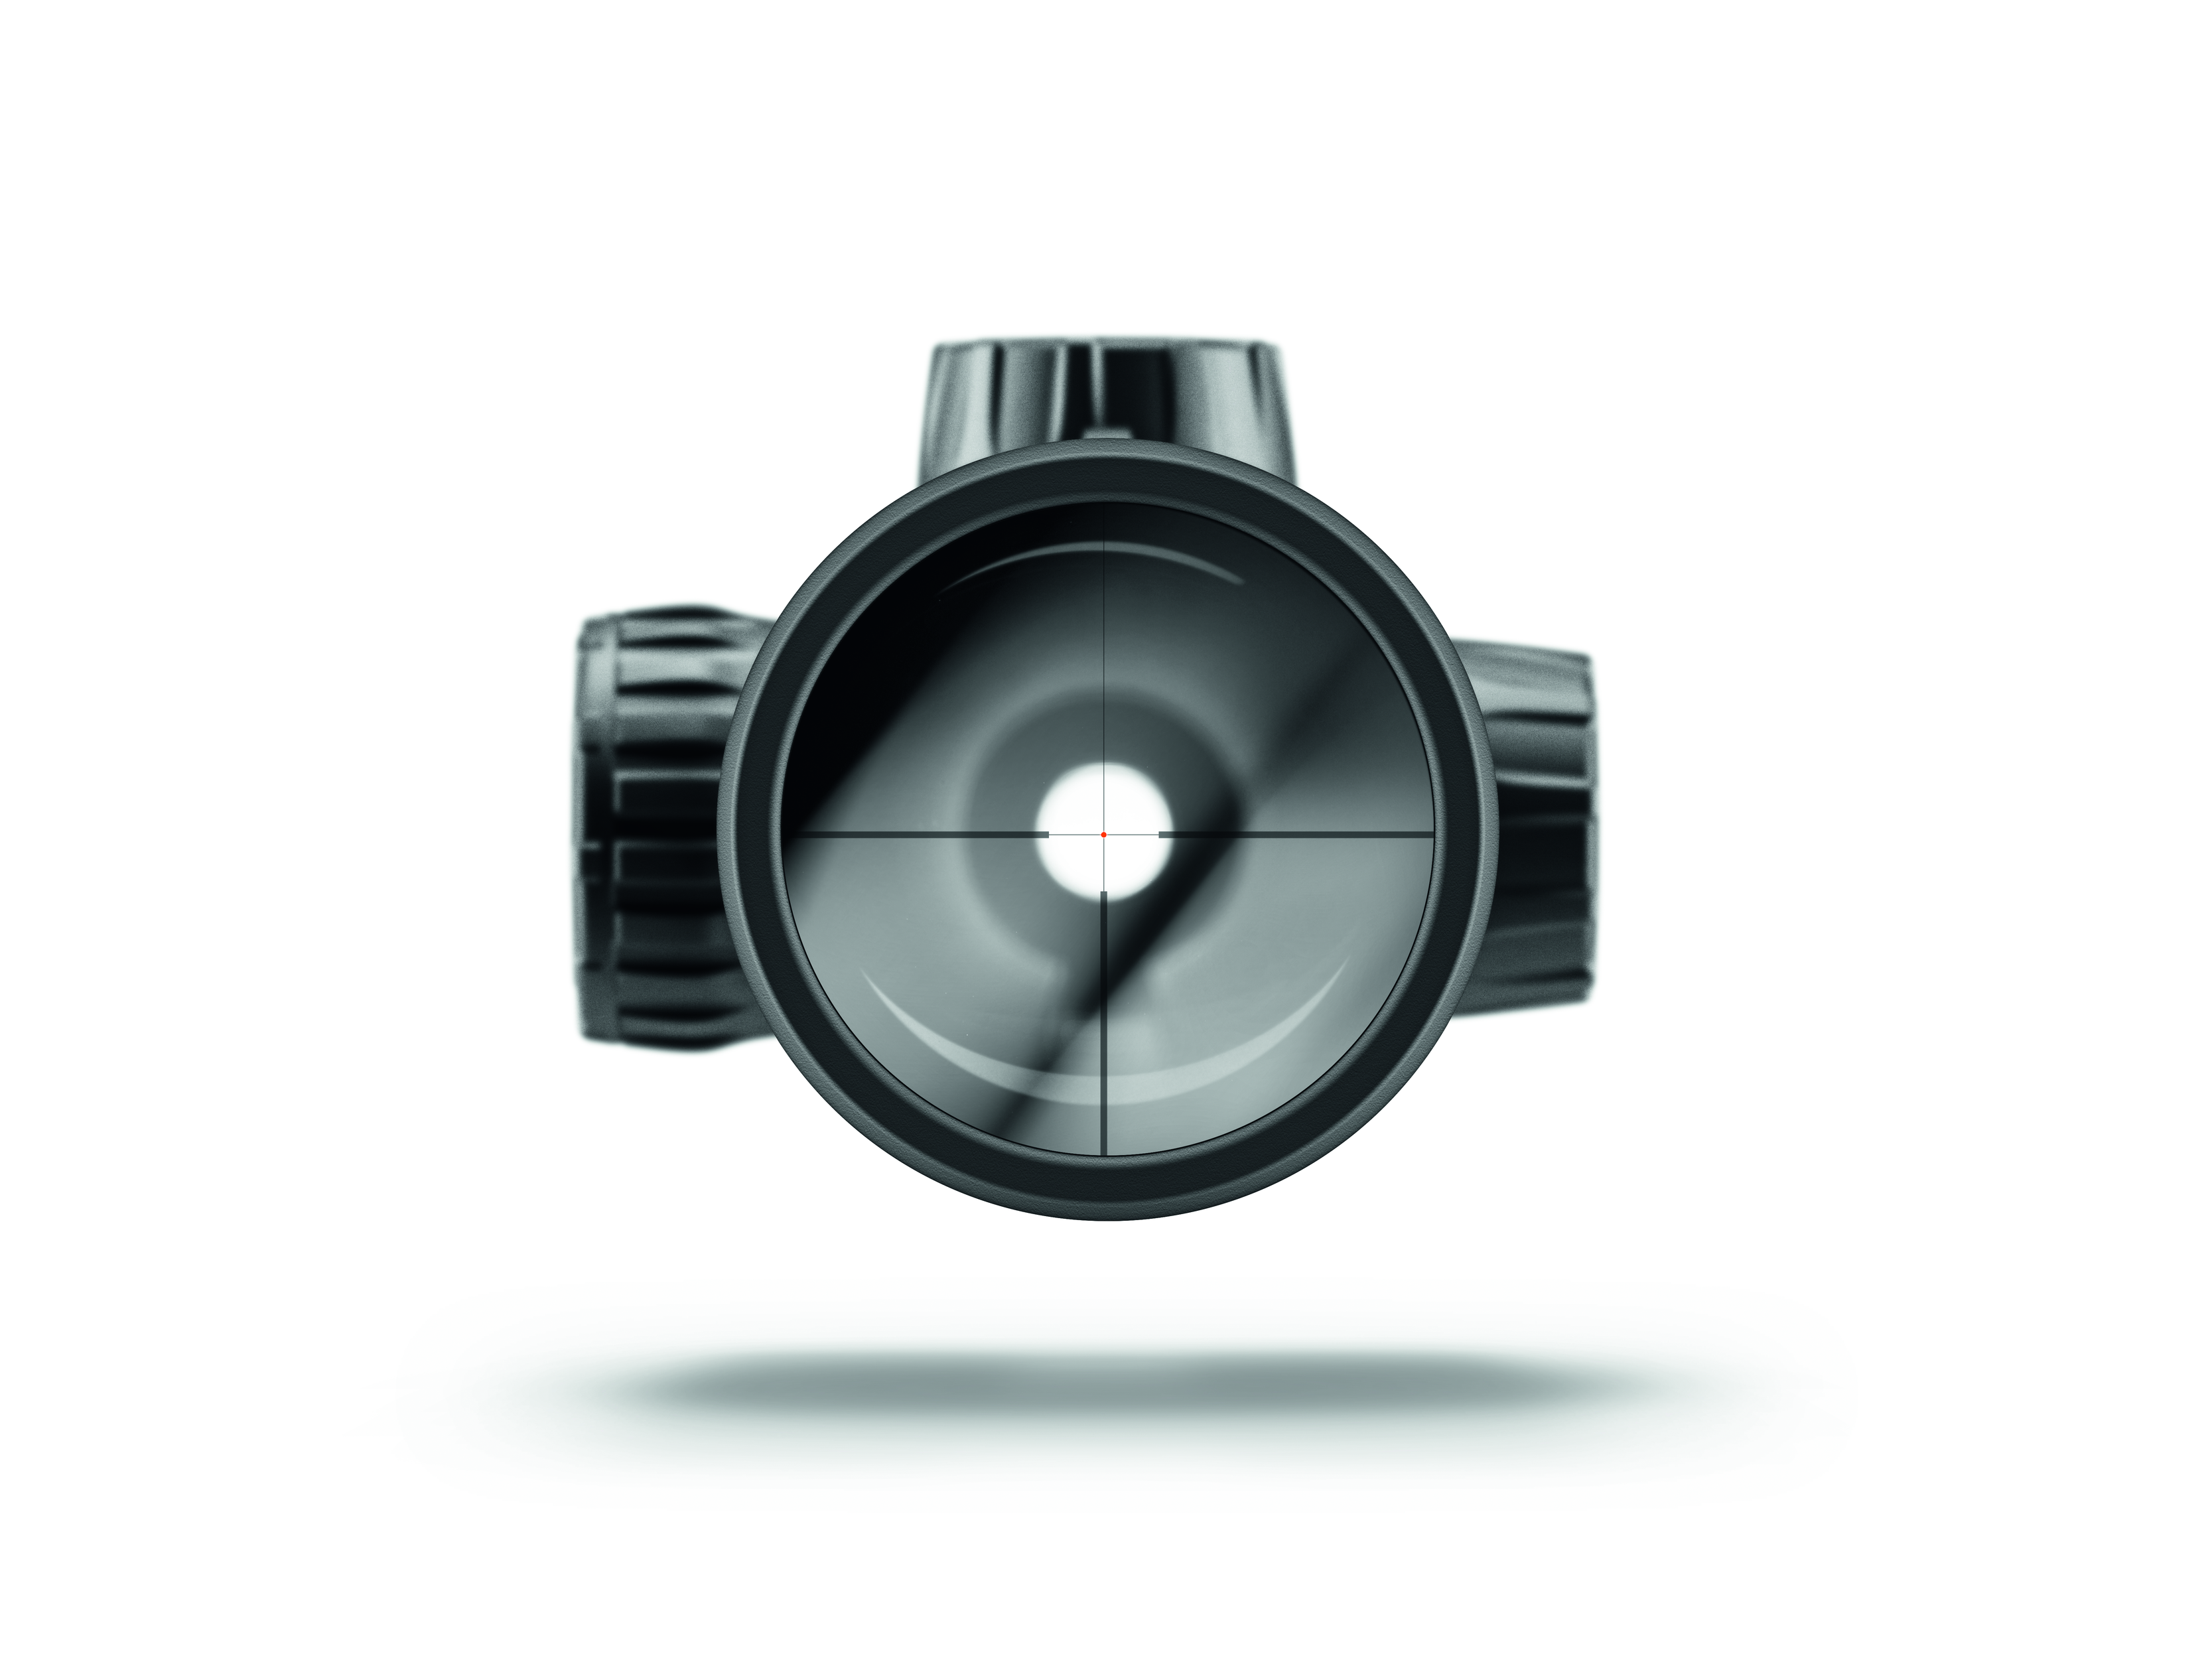 Zielfernrohr Mit Entfernungsmesser Test : Zeiss zielfernrohr v zielfernrohre waffen koch kaufbeuren